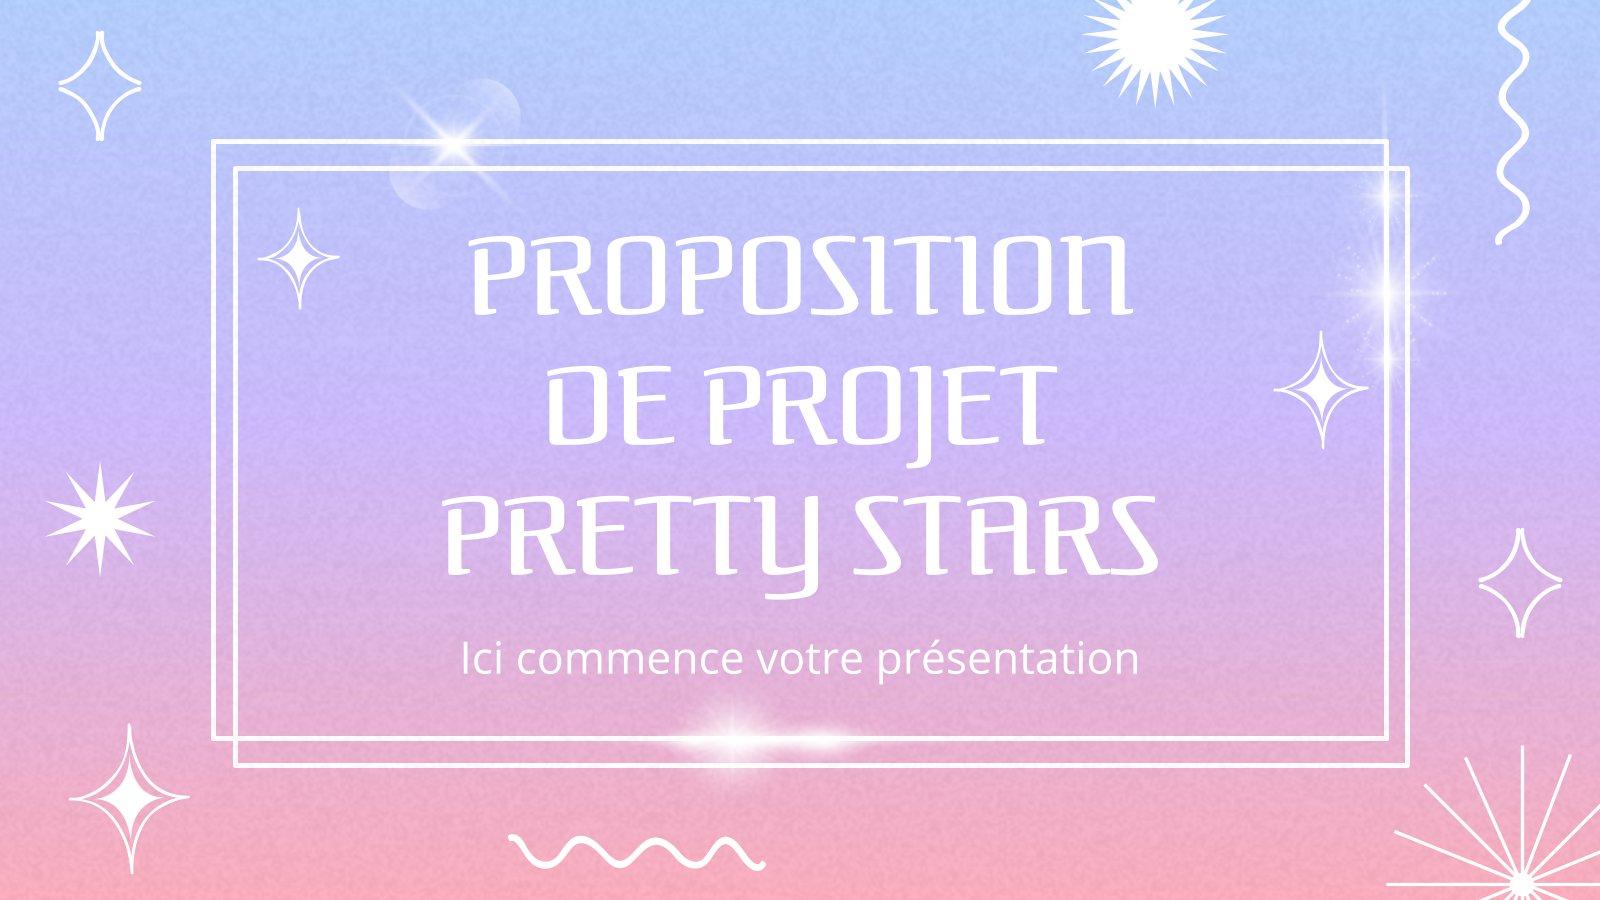 Plantilla de presentación Propuesta de proyecto Pretty Stars